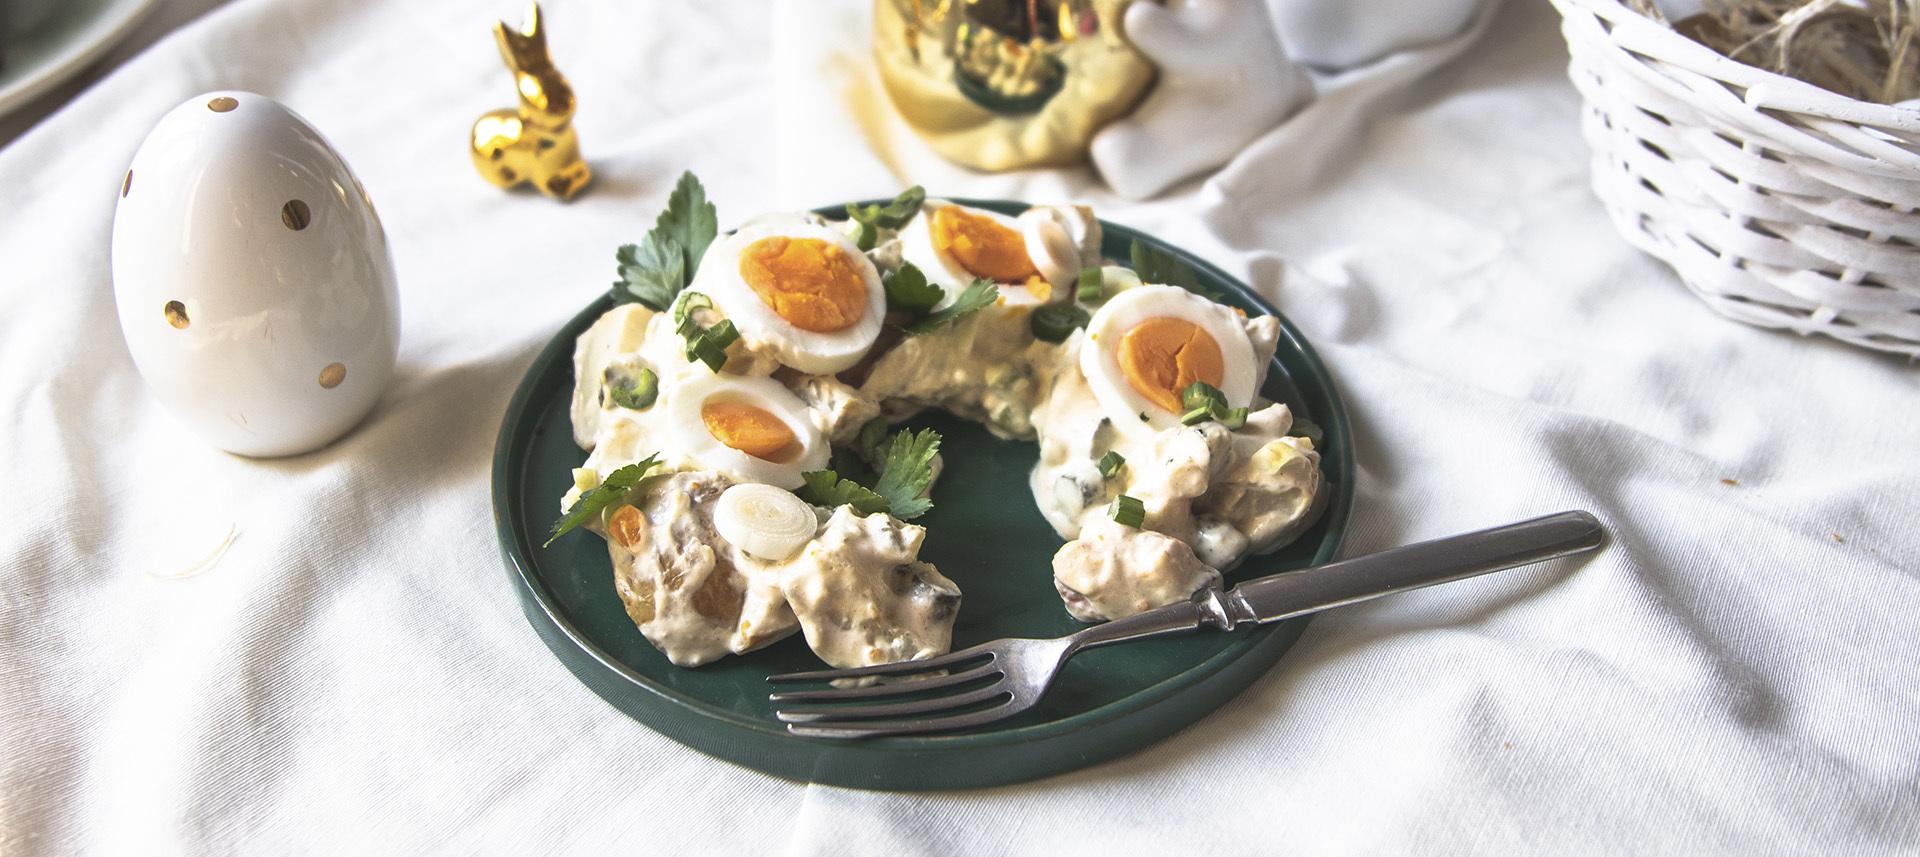 Konzum_recept_salata_jaja_krumpir.jpg